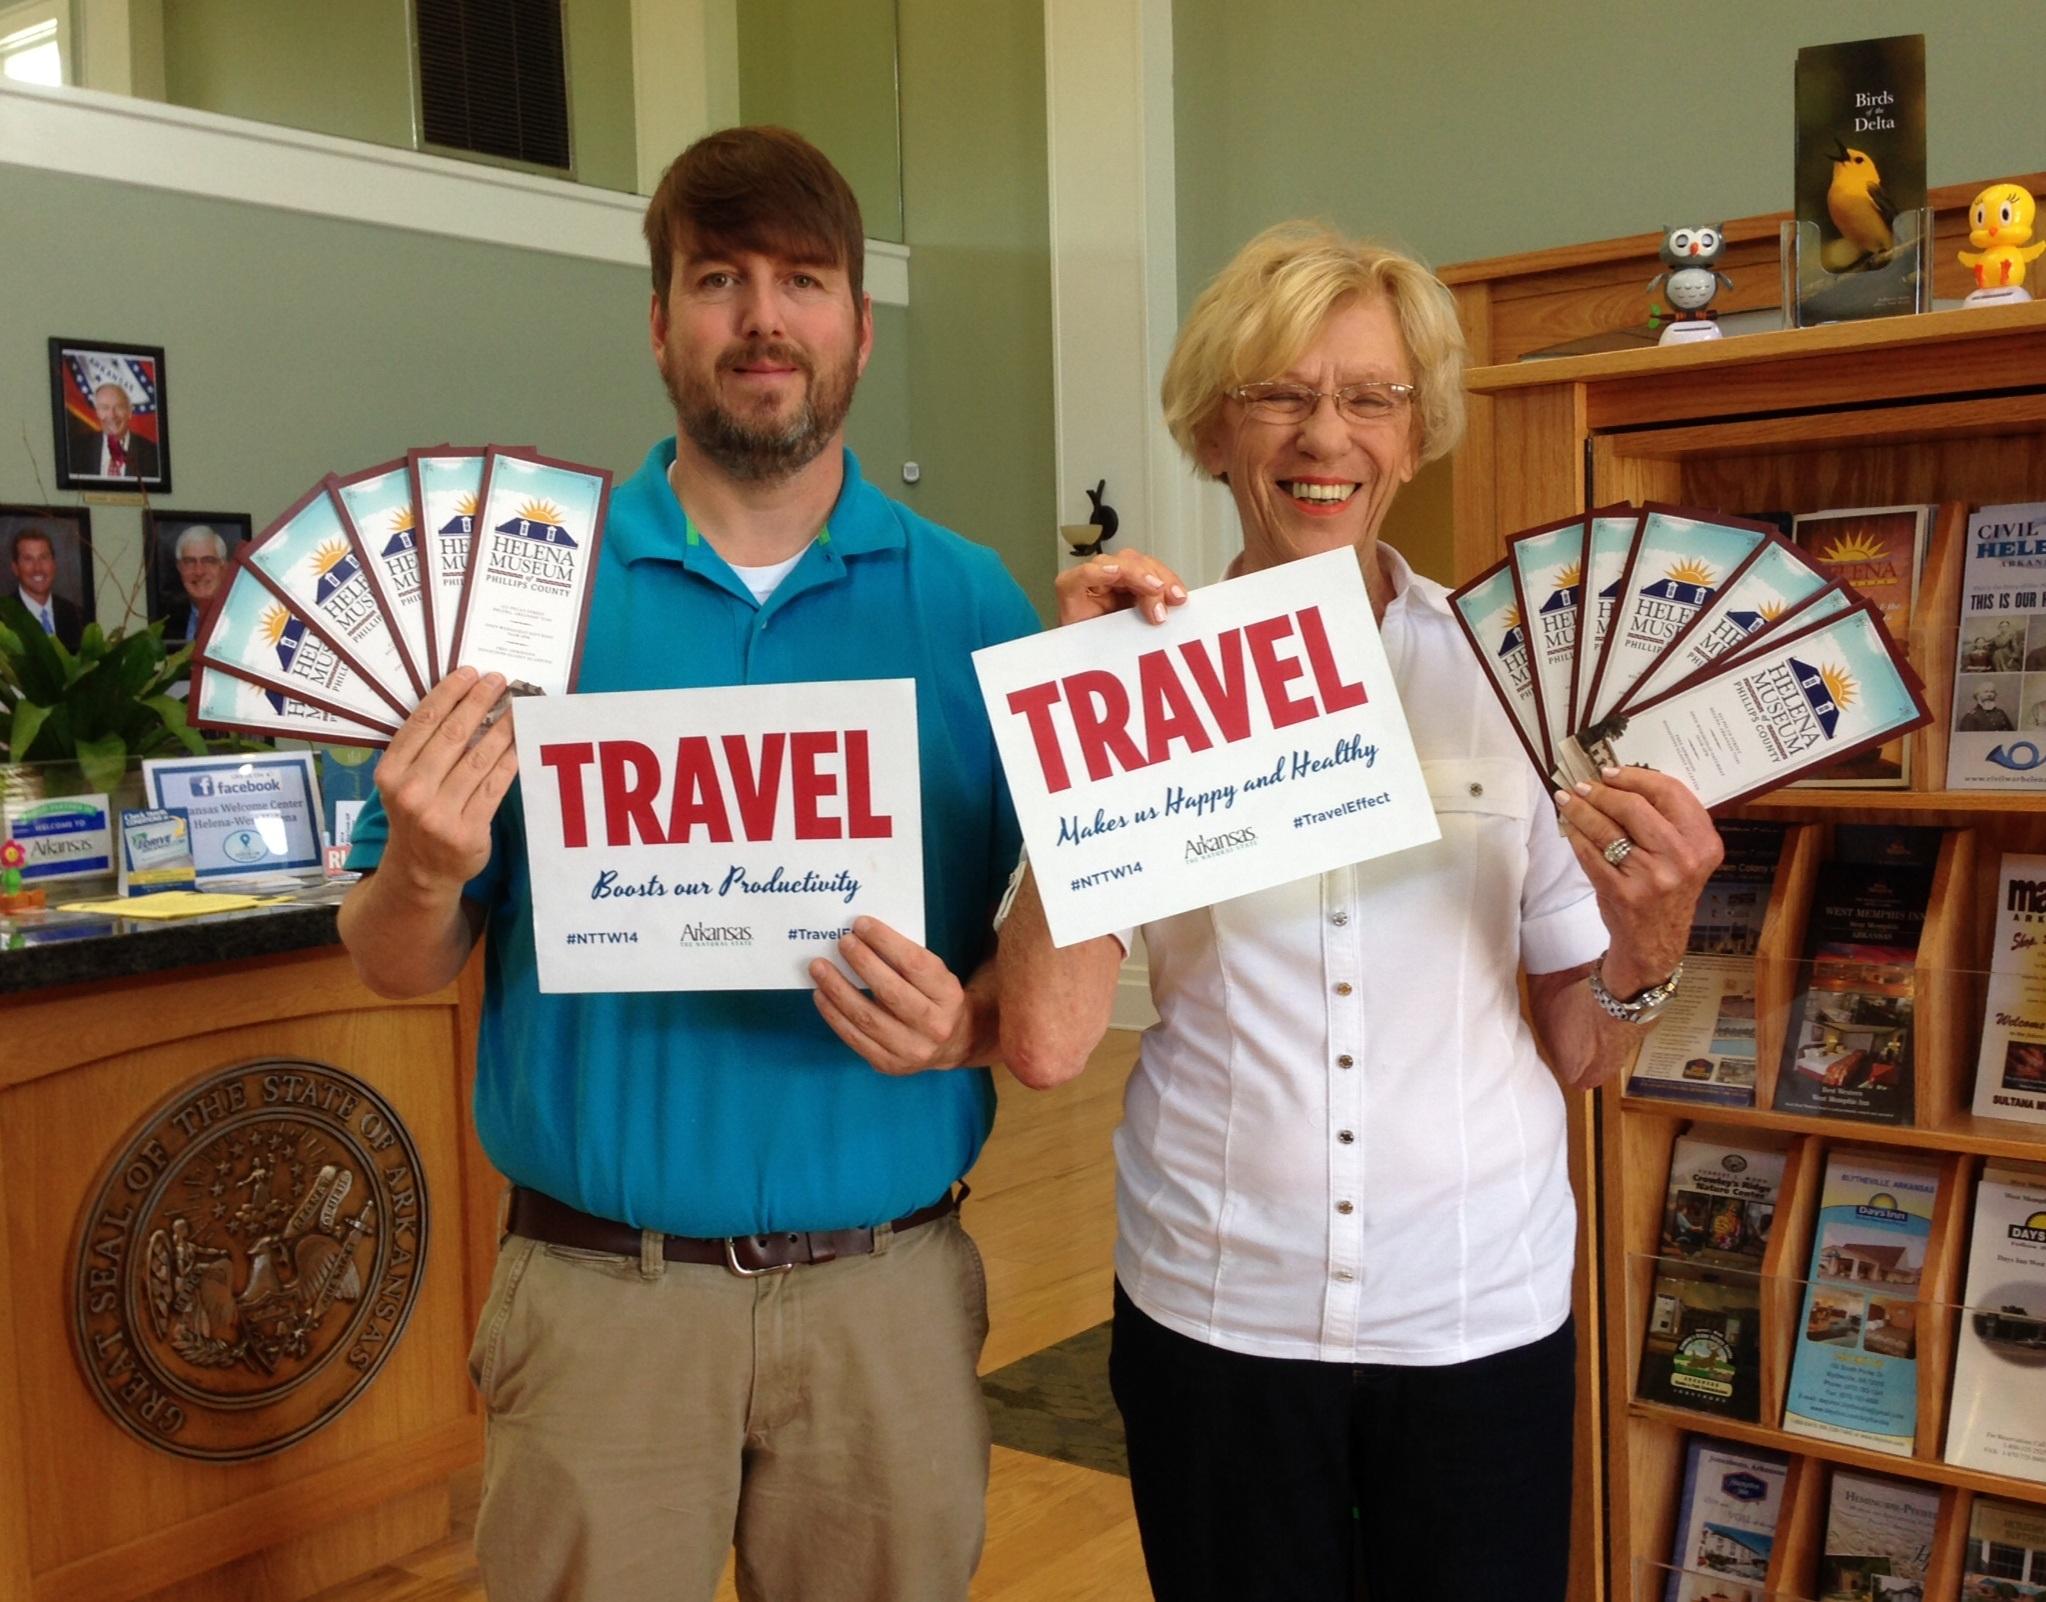 Shane & JoeAnne Travel Sign.JPG